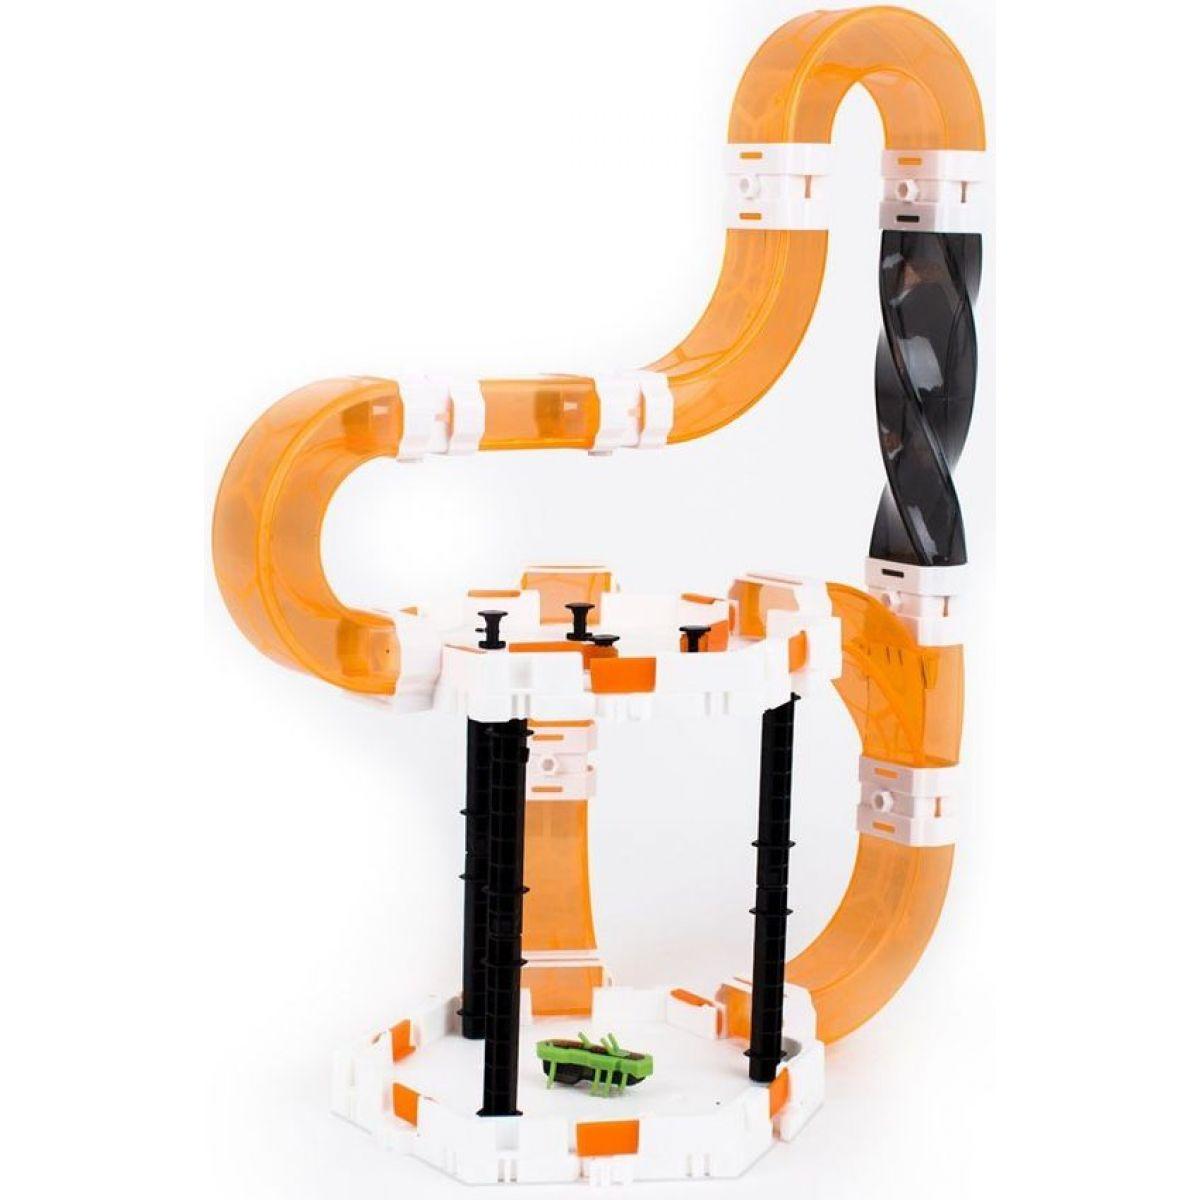 Hexbug Nano V2 Neon Twister